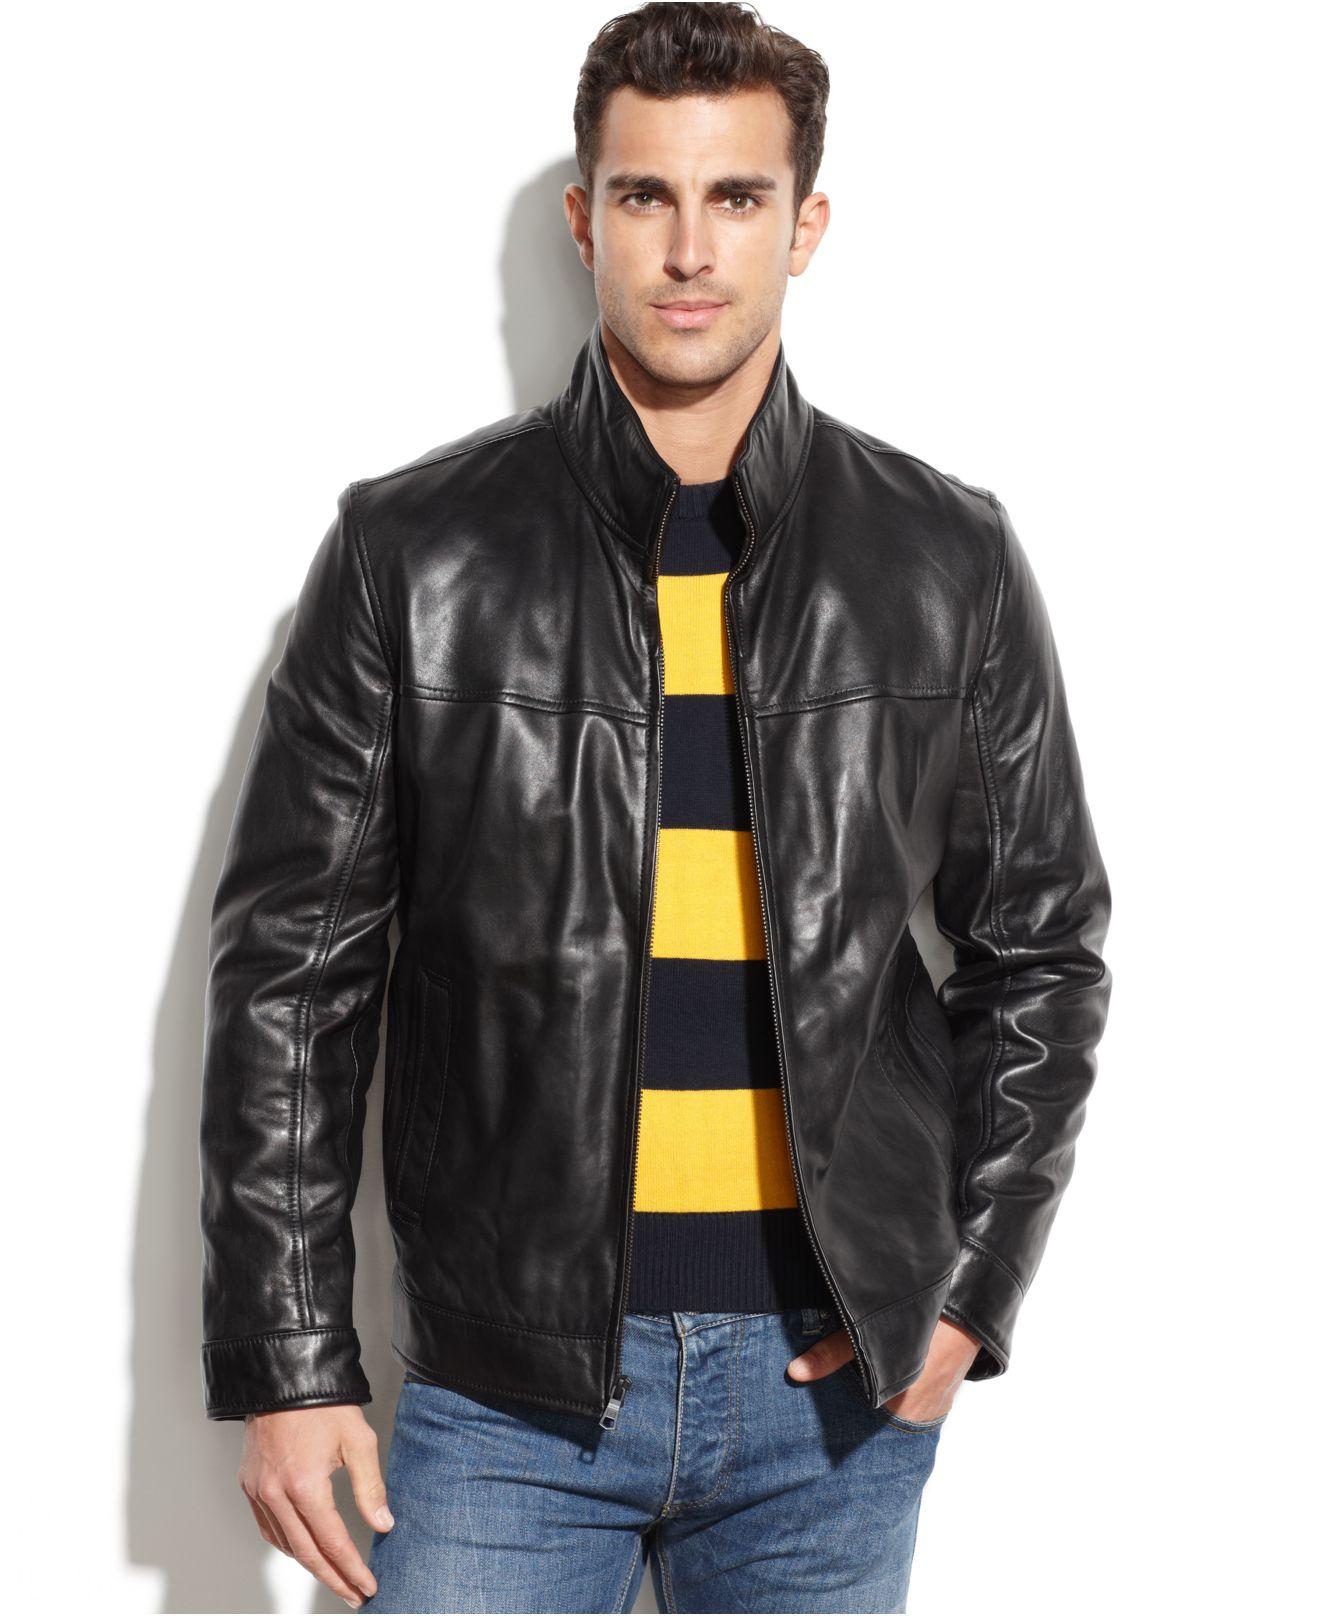 tommy hilfiger smooth leather jacket in black for men lyst. Black Bedroom Furniture Sets. Home Design Ideas